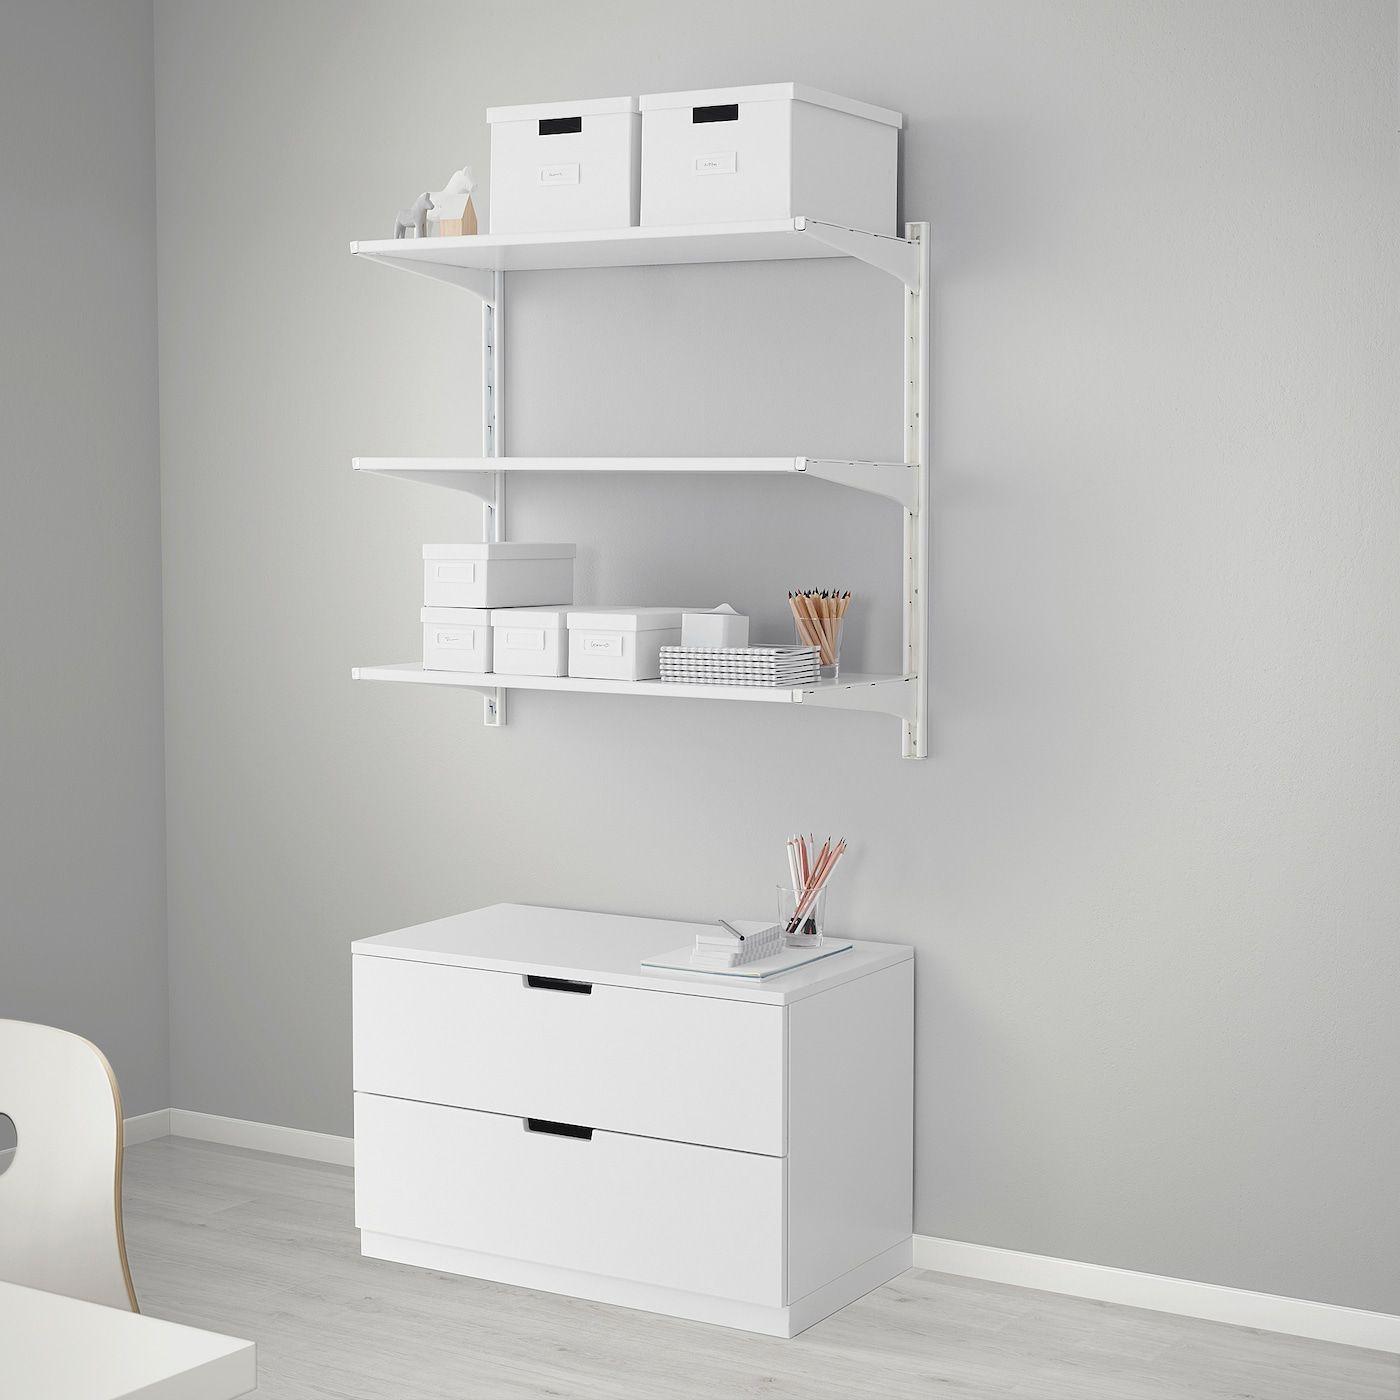 Ikea Algot Riel Susp Baldas Blanco Puedes Combinar Los Elementos De La Serie Algot De Muchas Maneras Distintas Segun T In 2020 Ikea Algot Wandschiene Regalsysteme